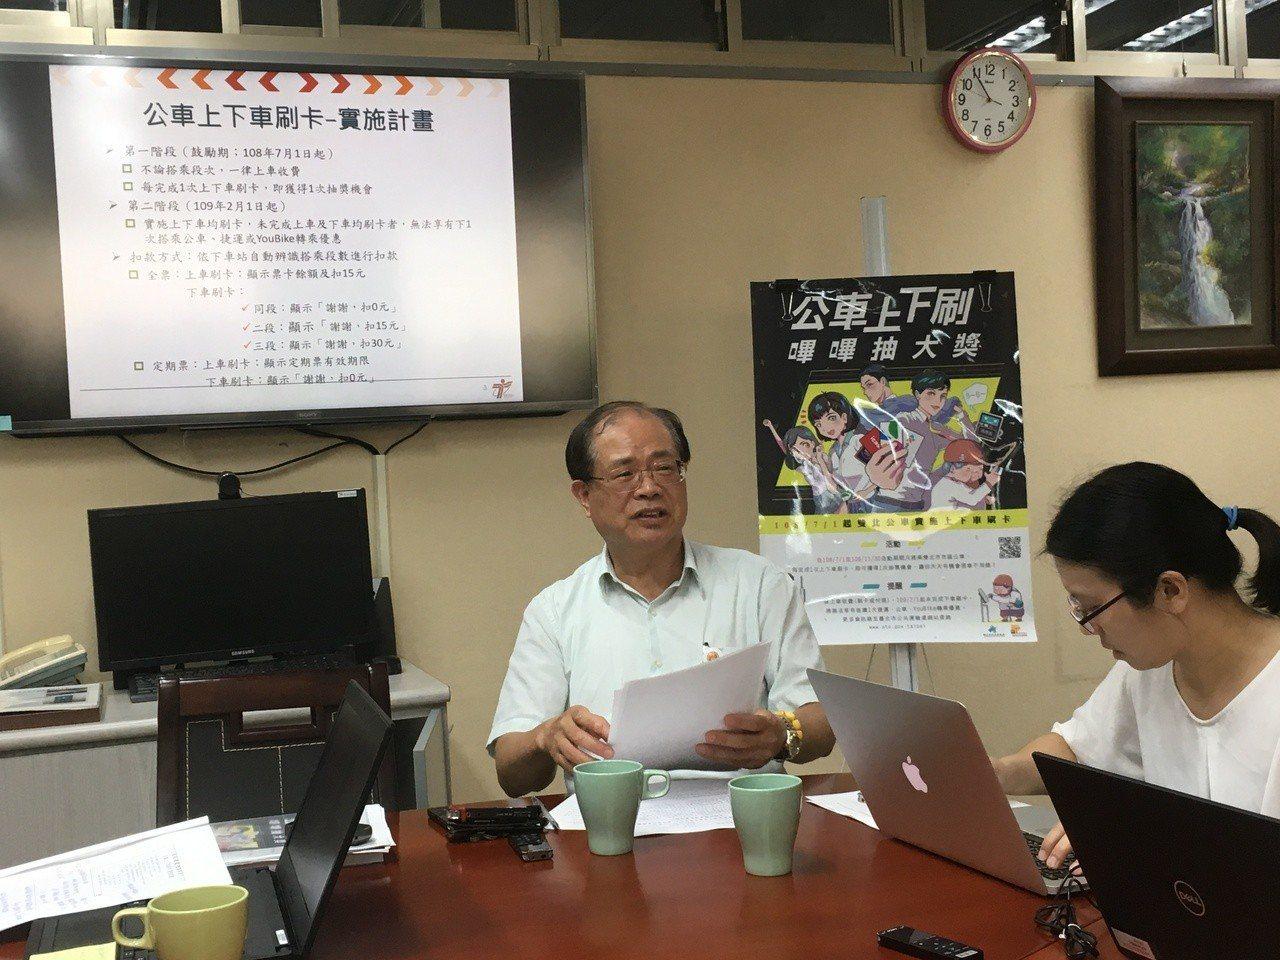 習慣搭乘公車的通勤族注意!台北市交通局公共運輸處今天表示,雙北市公車收費模式,將...